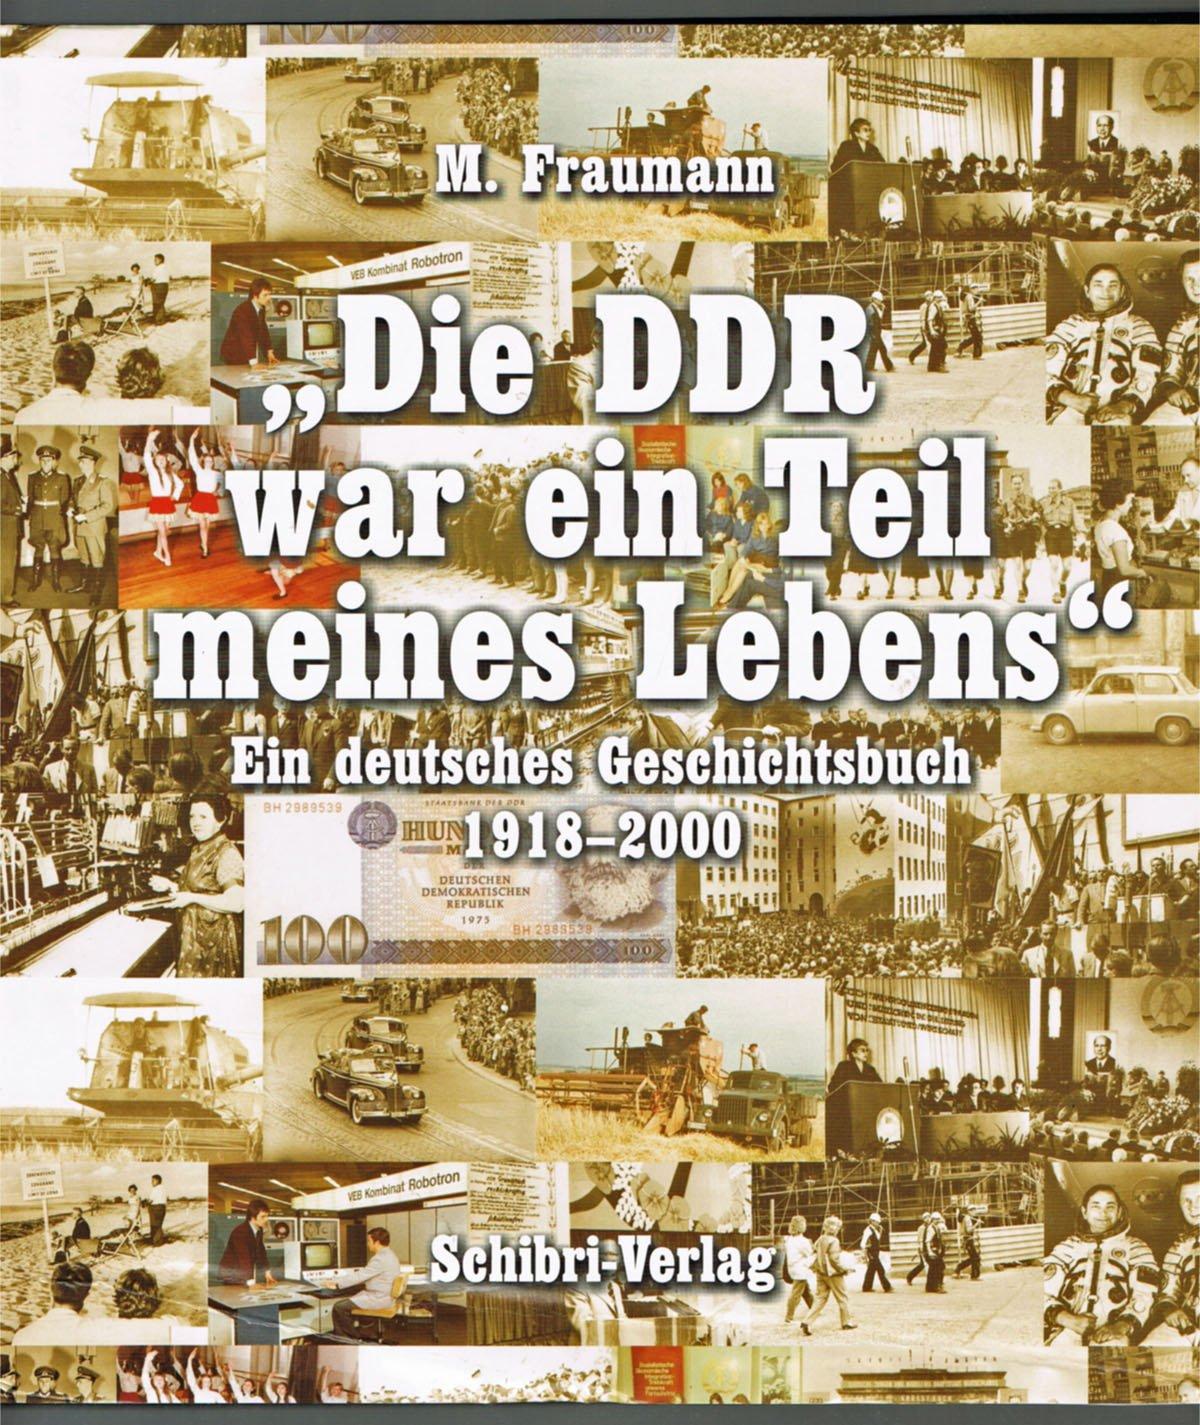 Die DDR war ein Teil meines Lebens. Ein deutsches Geschichtsbuch 1918-2000